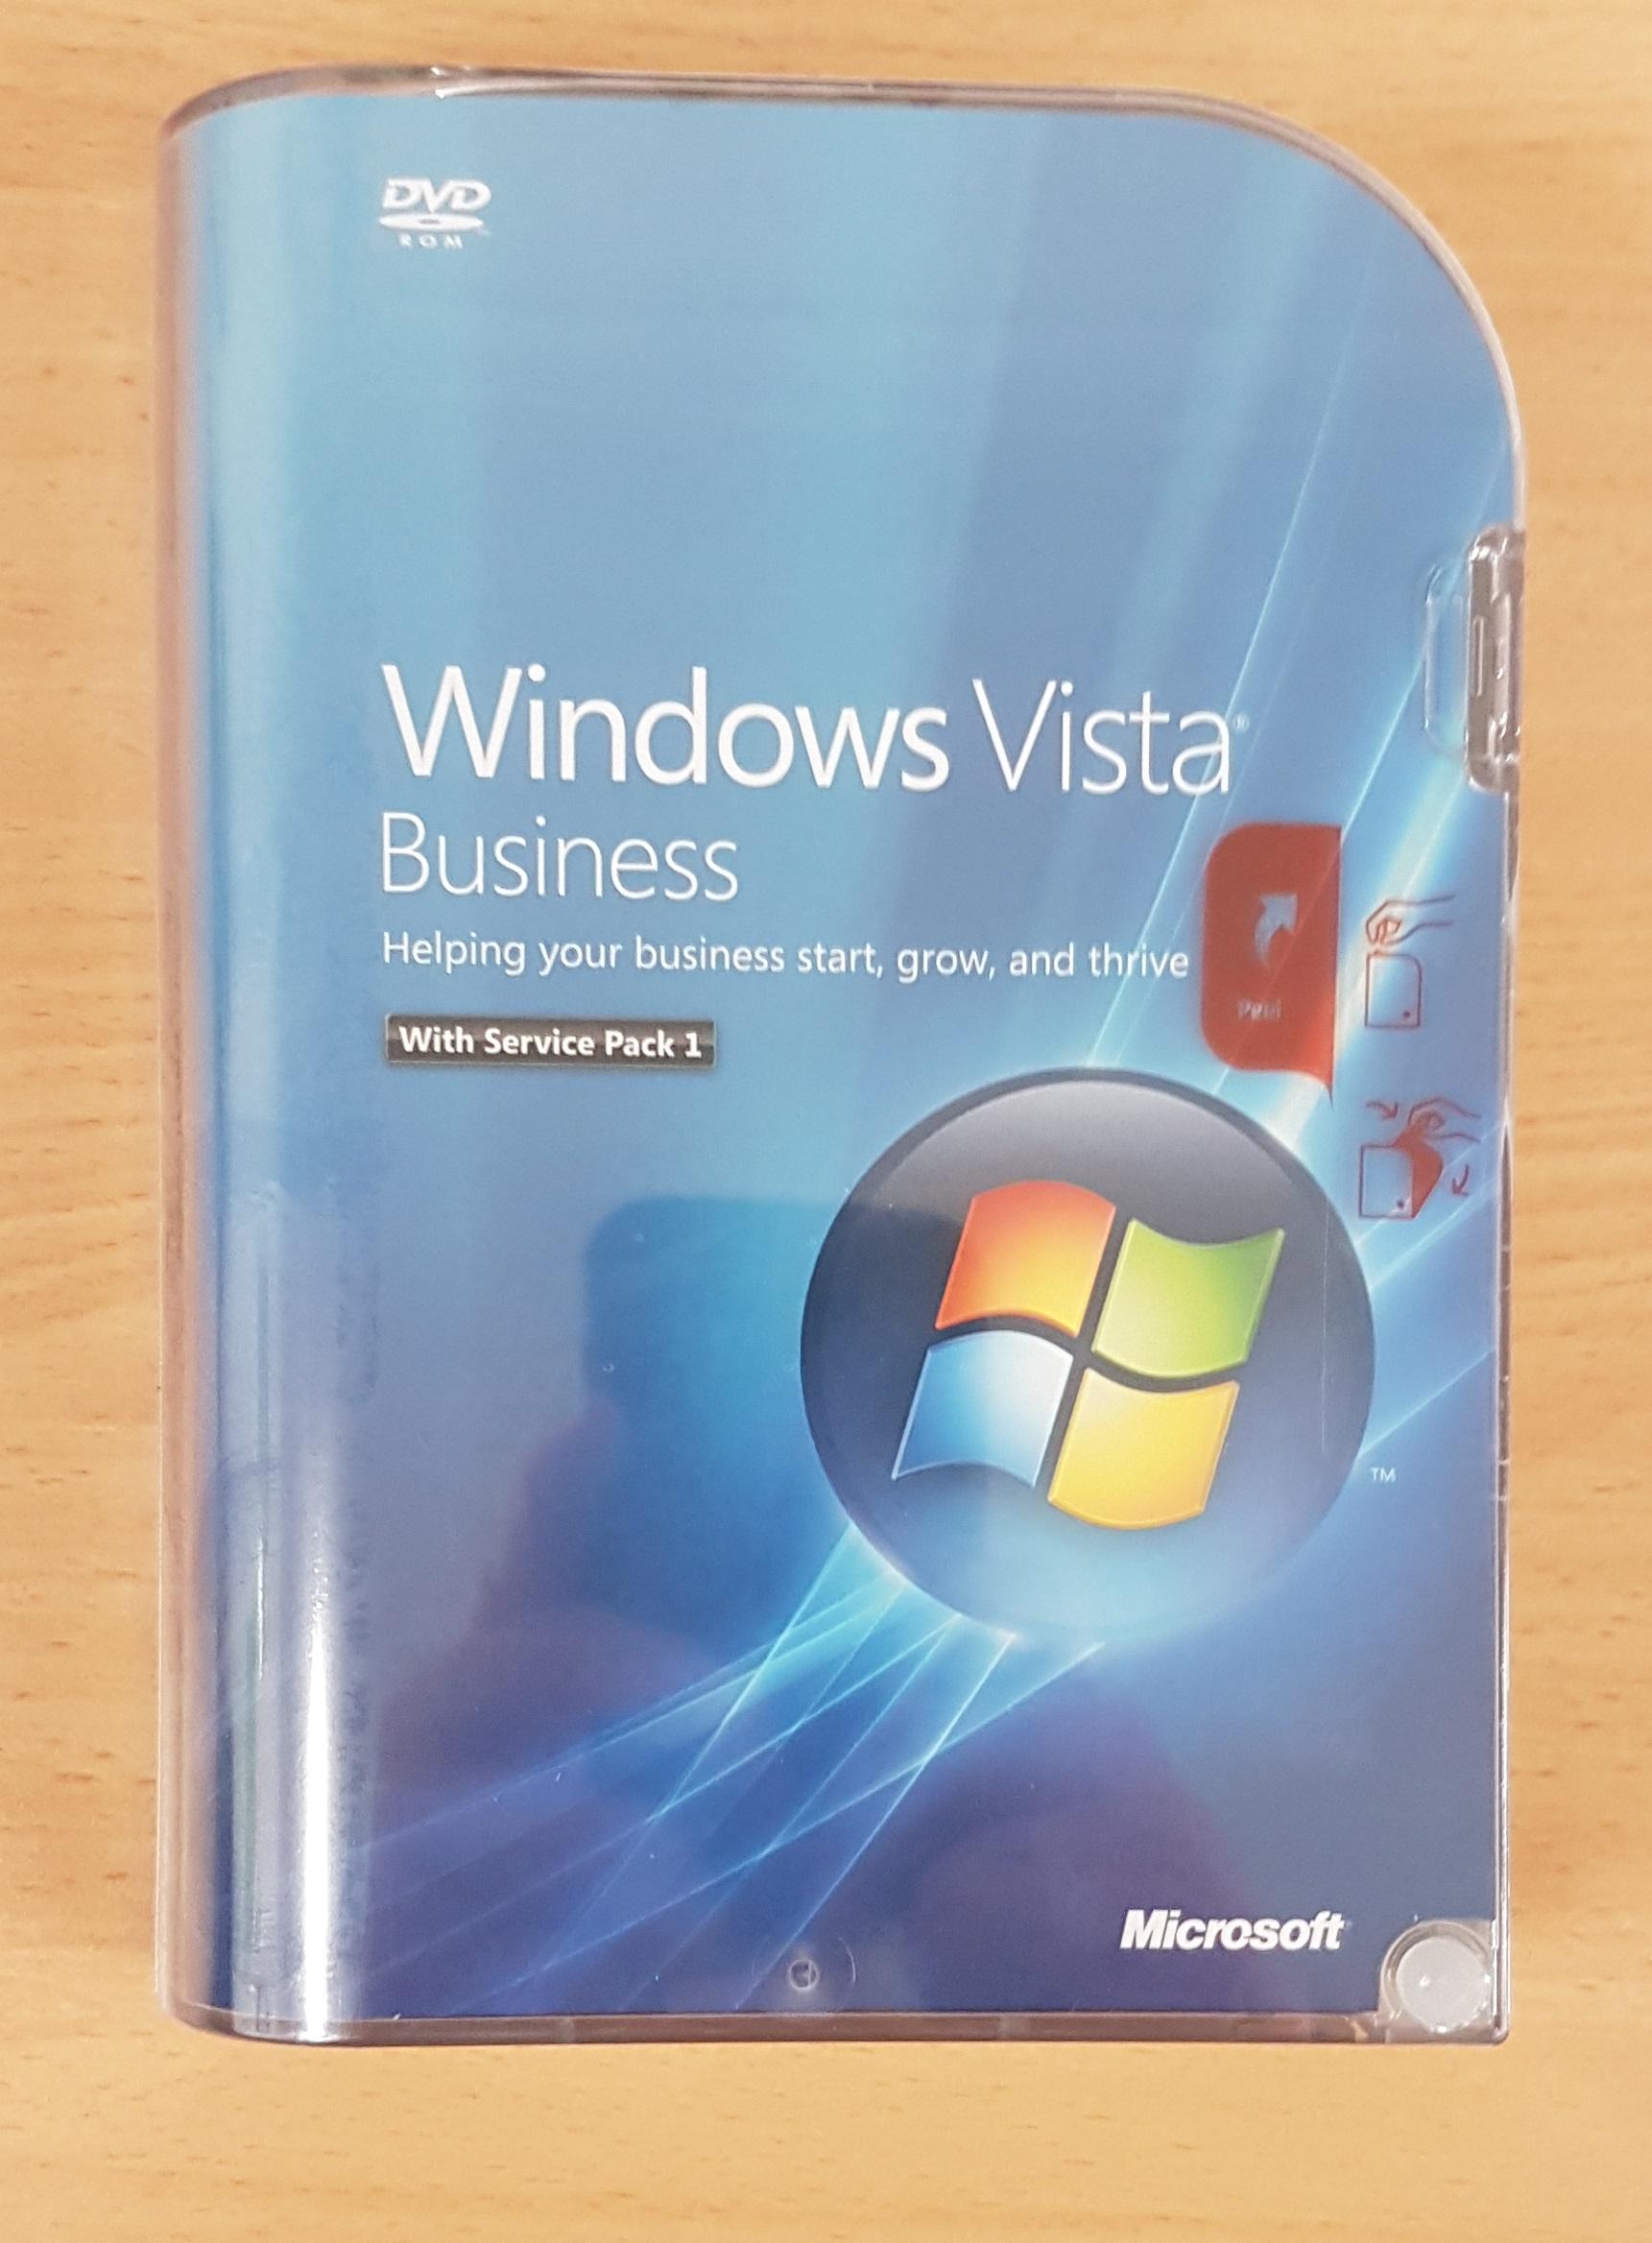 how to upgrade windows vista business